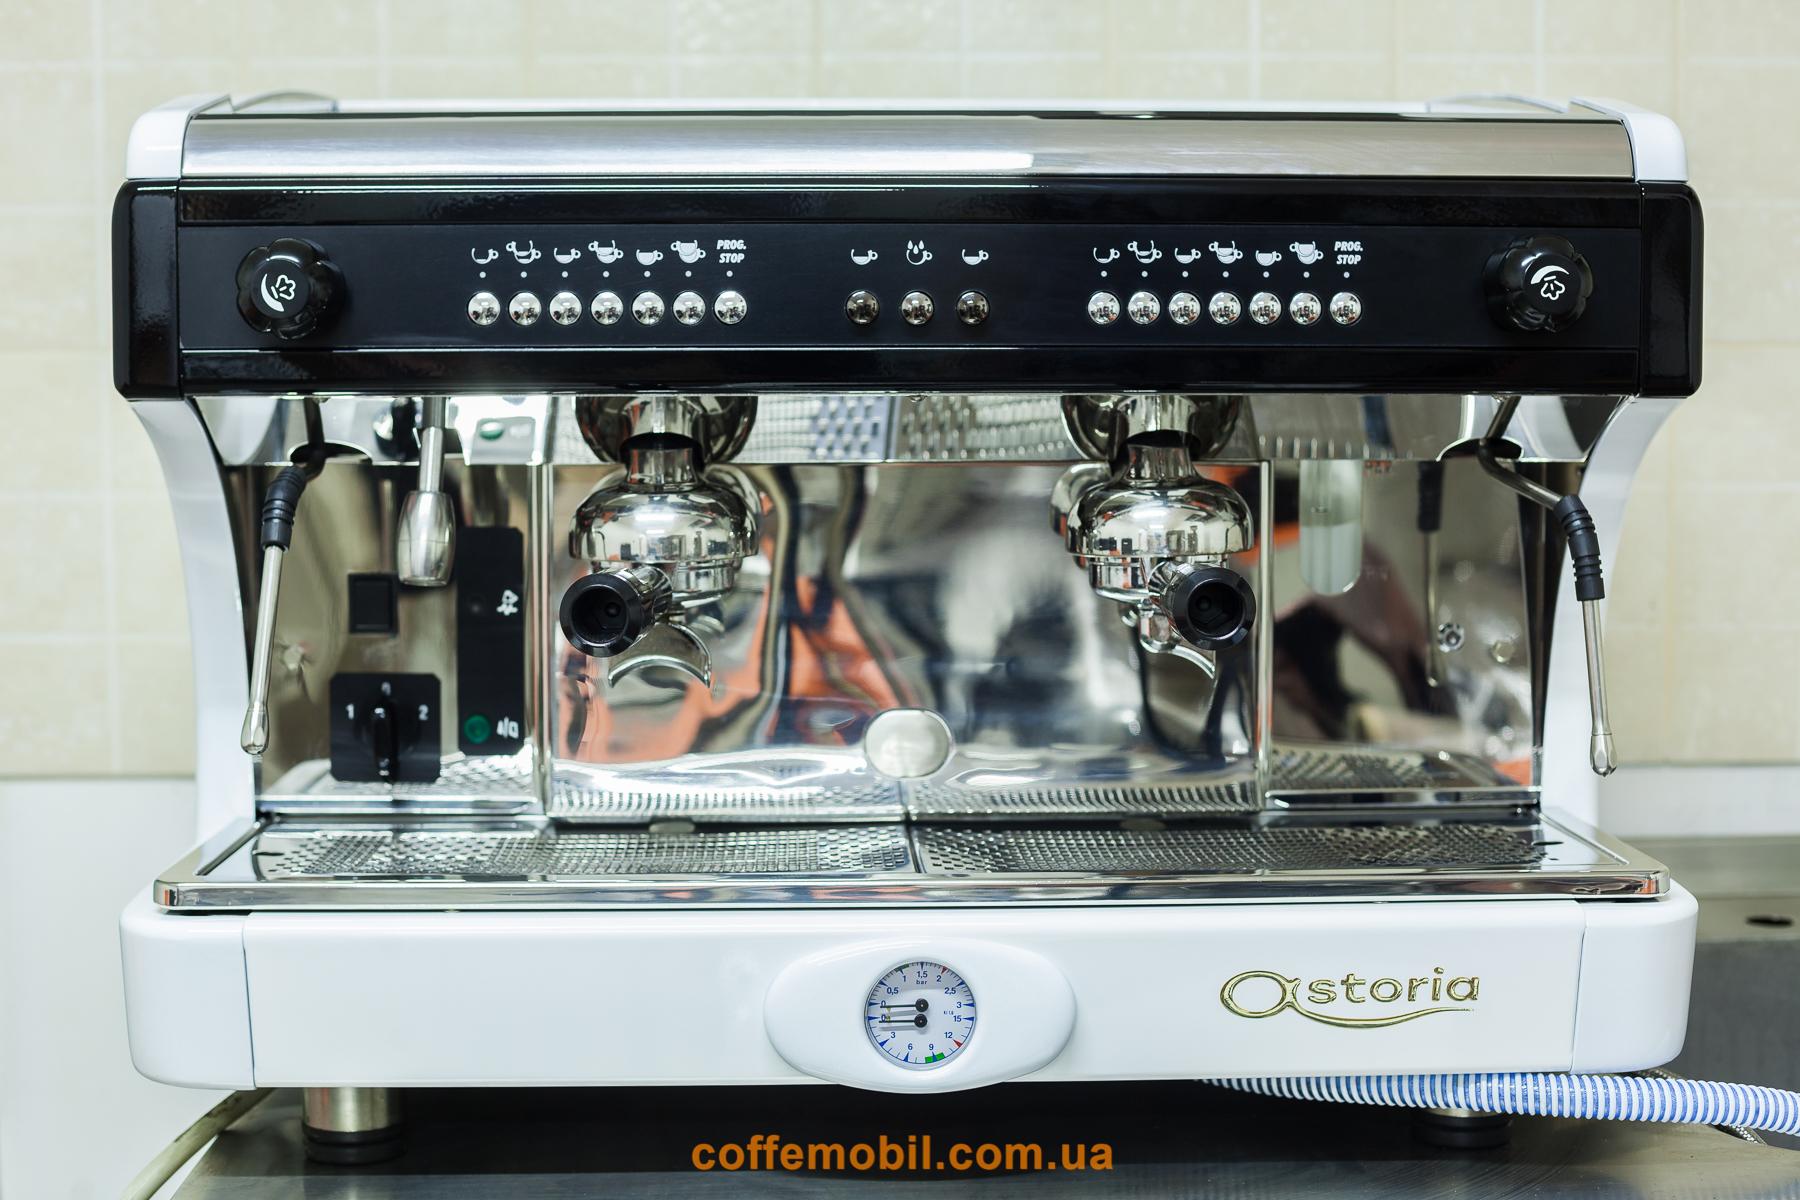 купить профессиональную кофемашину Astoria Calypso 2gr в рассрочку